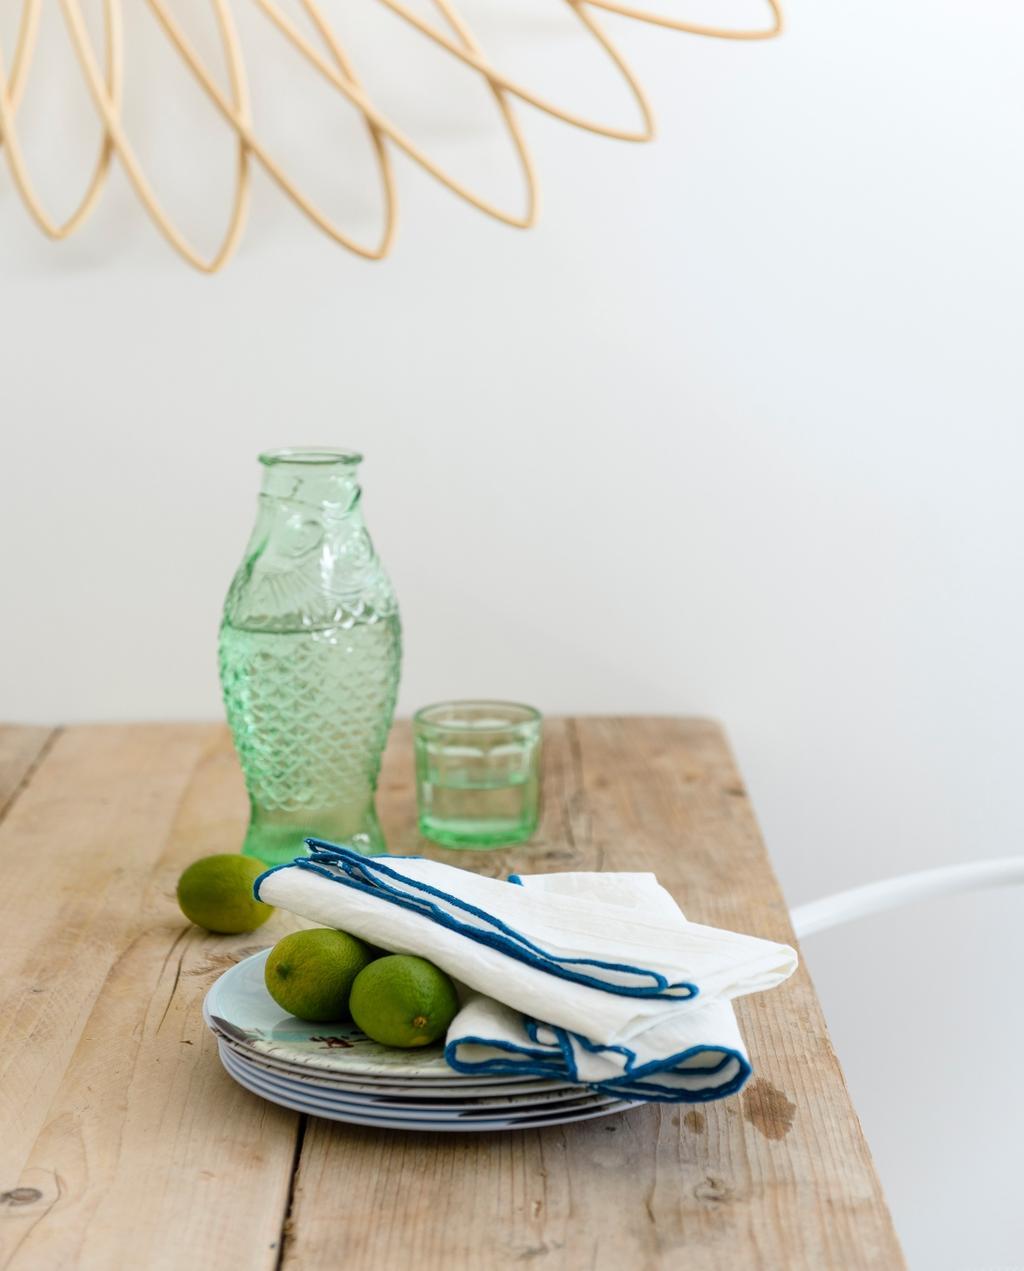 vtwonen 07-2020 | binnenkijken cannes strandhuis bordjes met serax vaas